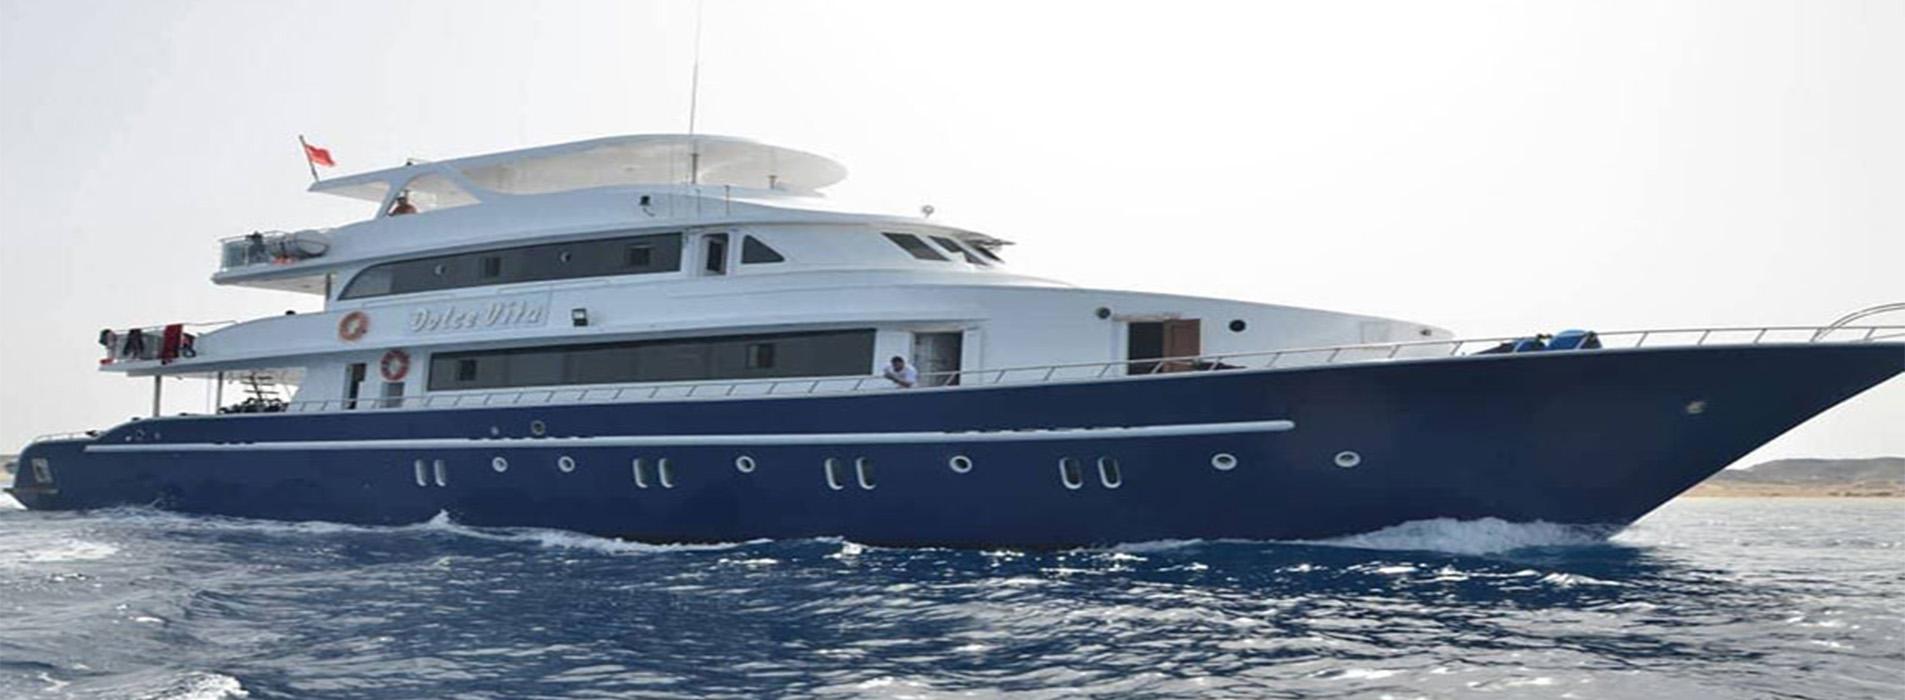 Дайвинг-сафари на яхте  «DOLCE VITA»   ЕГИПЕТ  c  23 по 30 ноября 2019